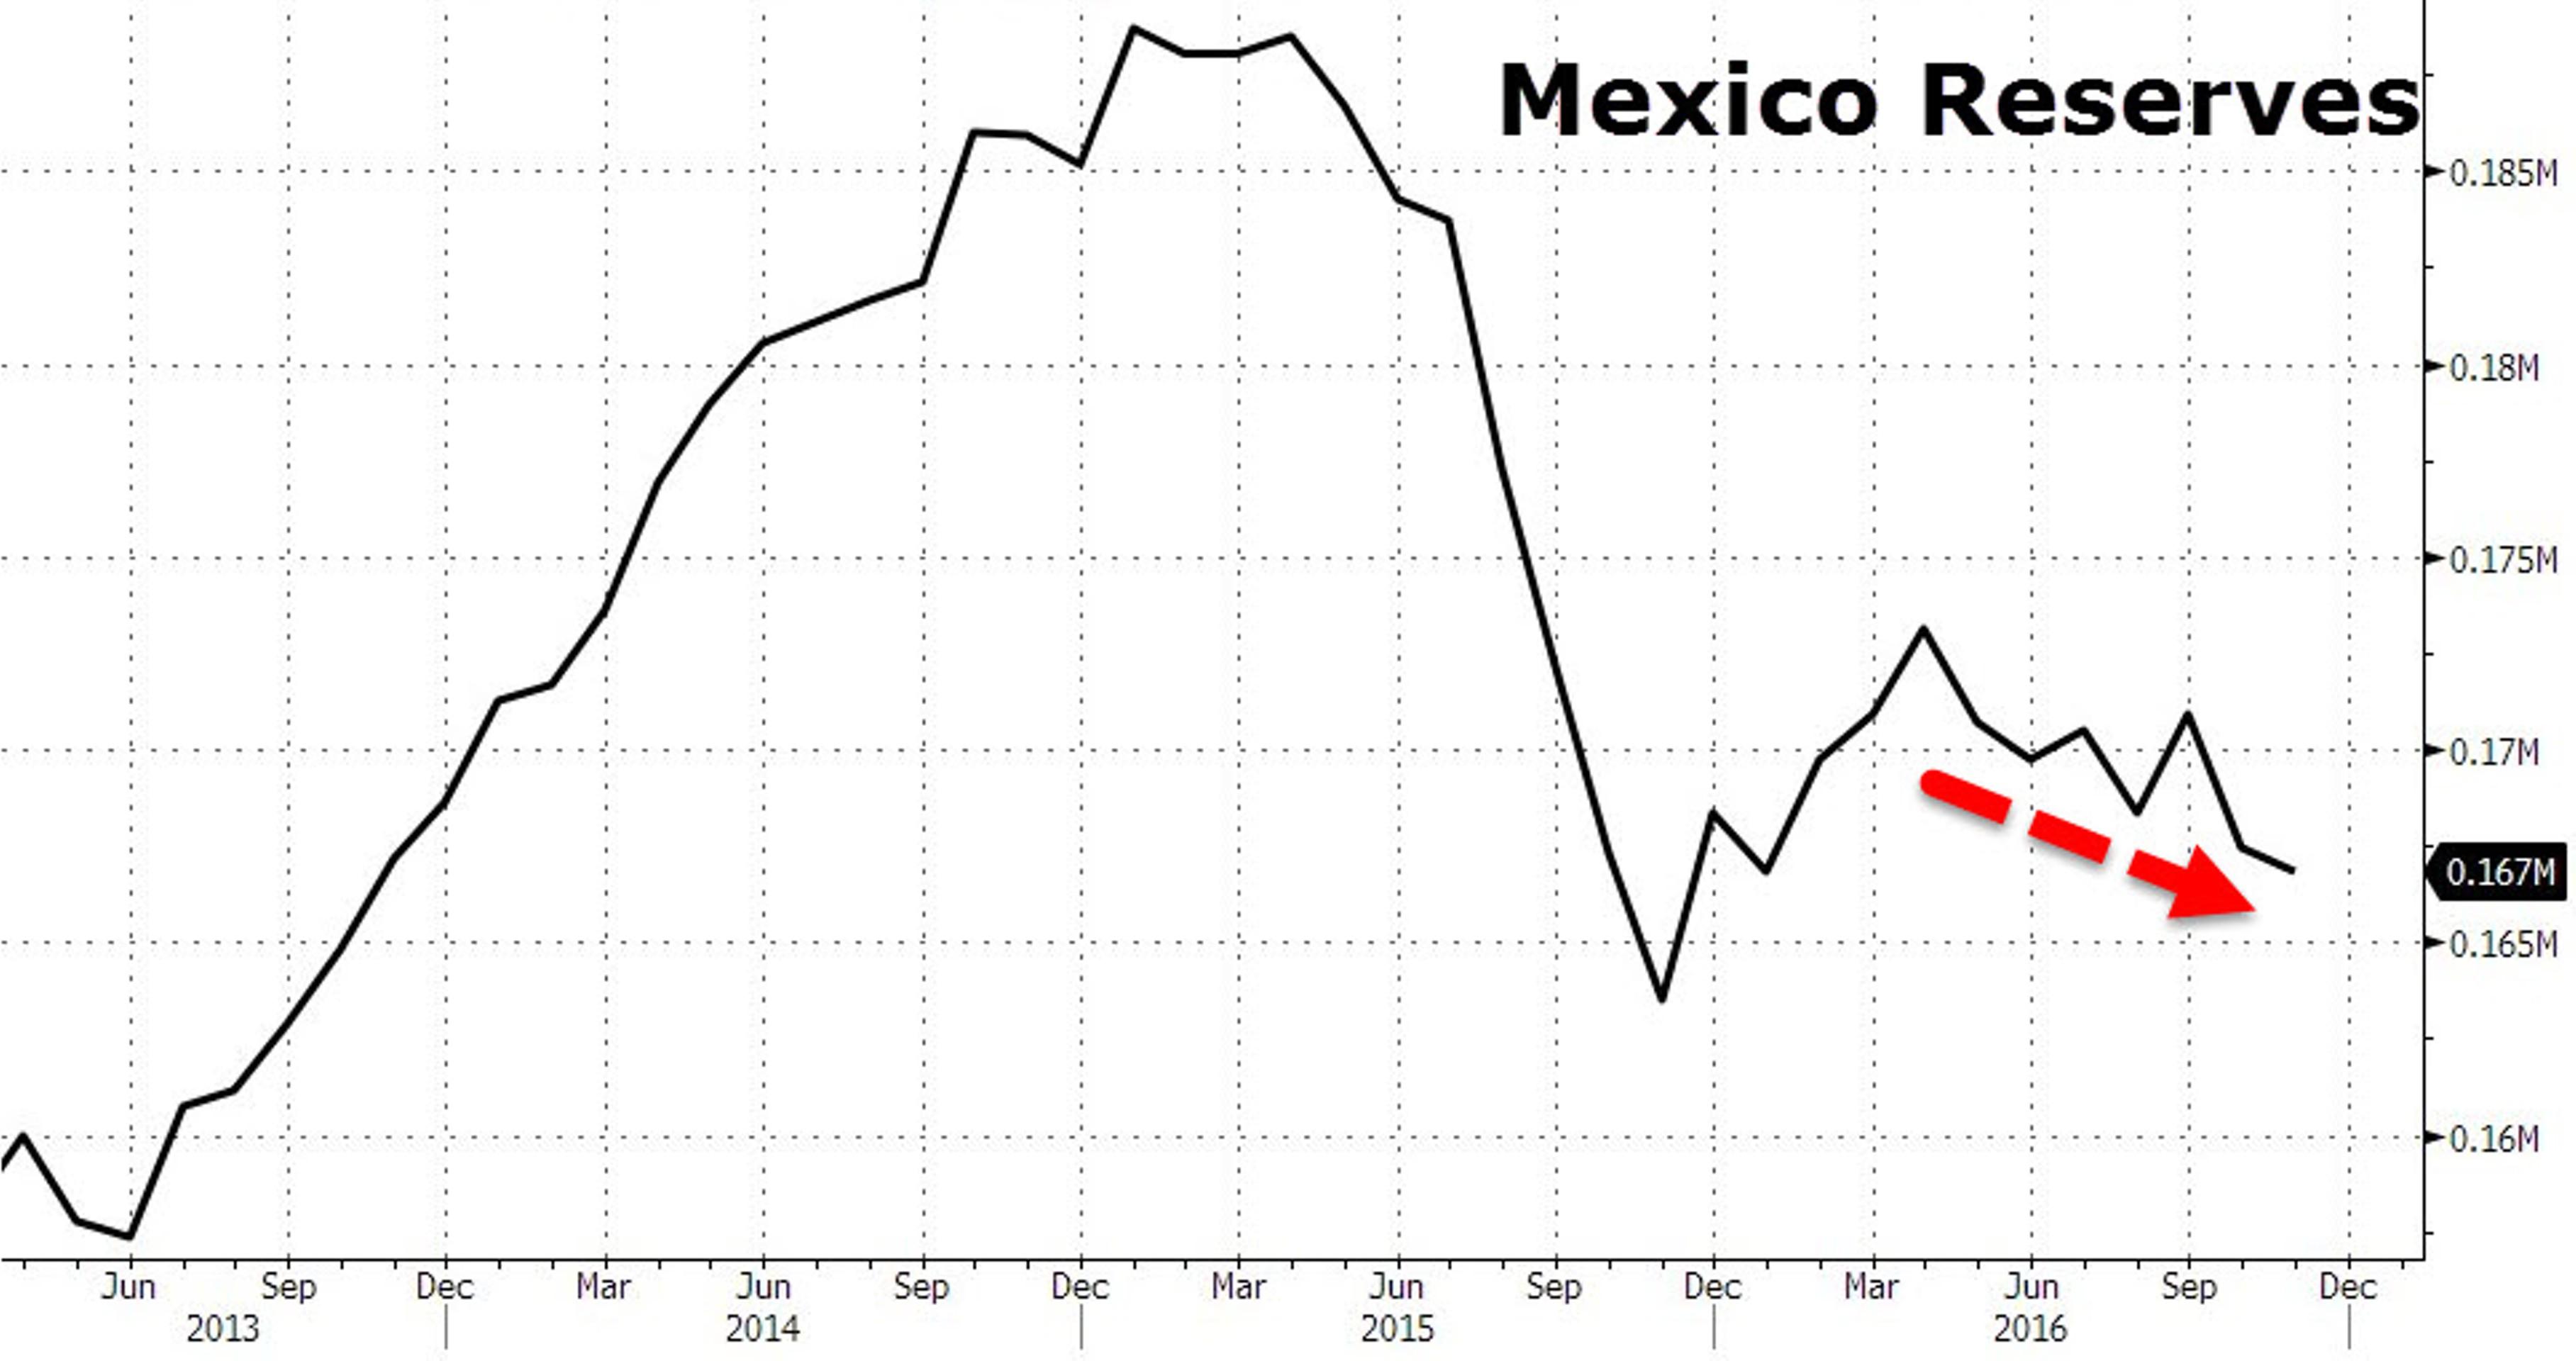 Как ЦБ Мексики вступился за песо и проиграл